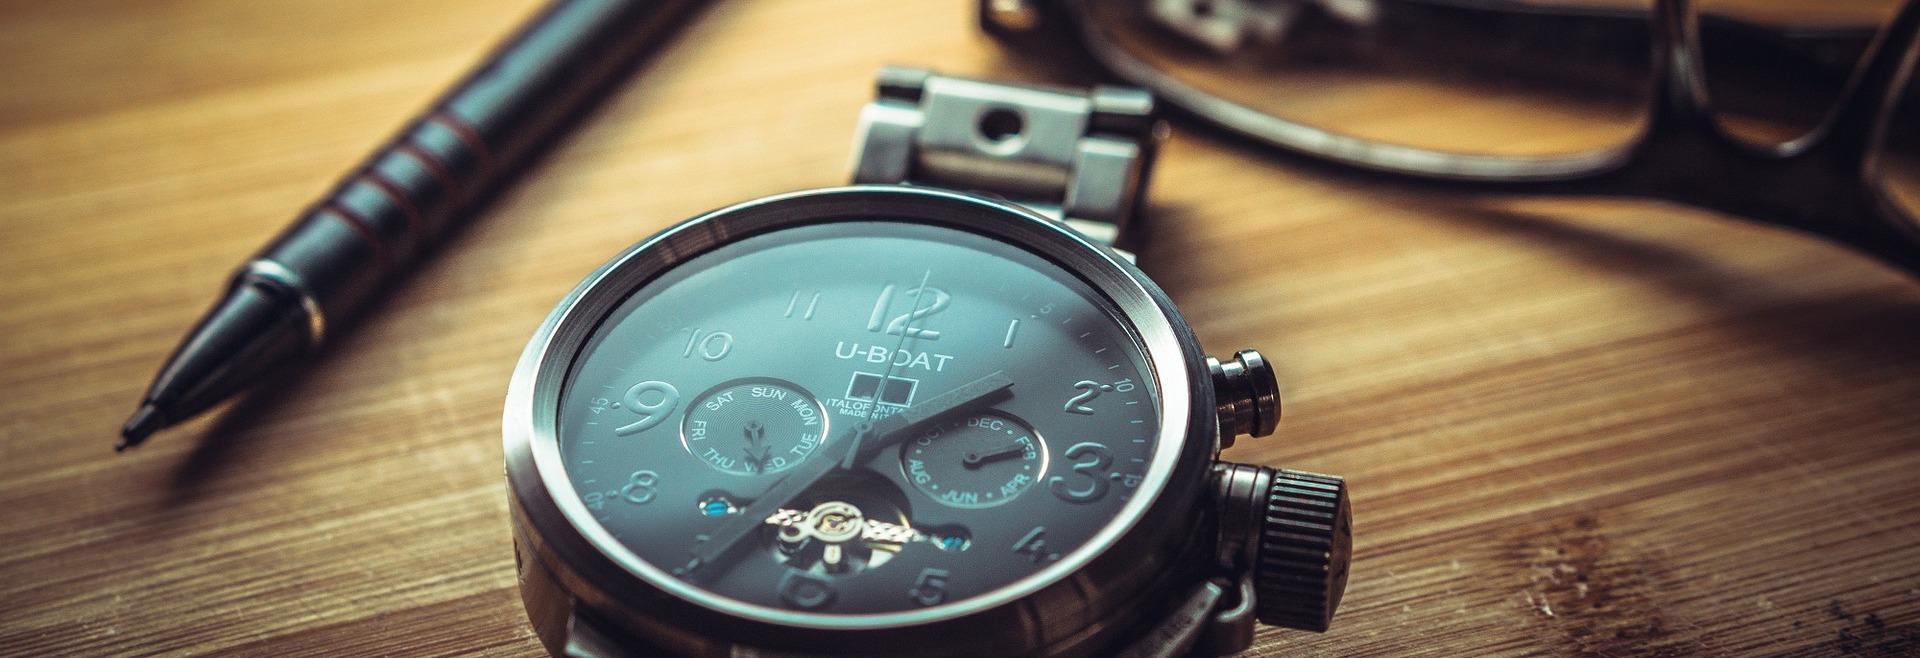 Clock 1461689 1920